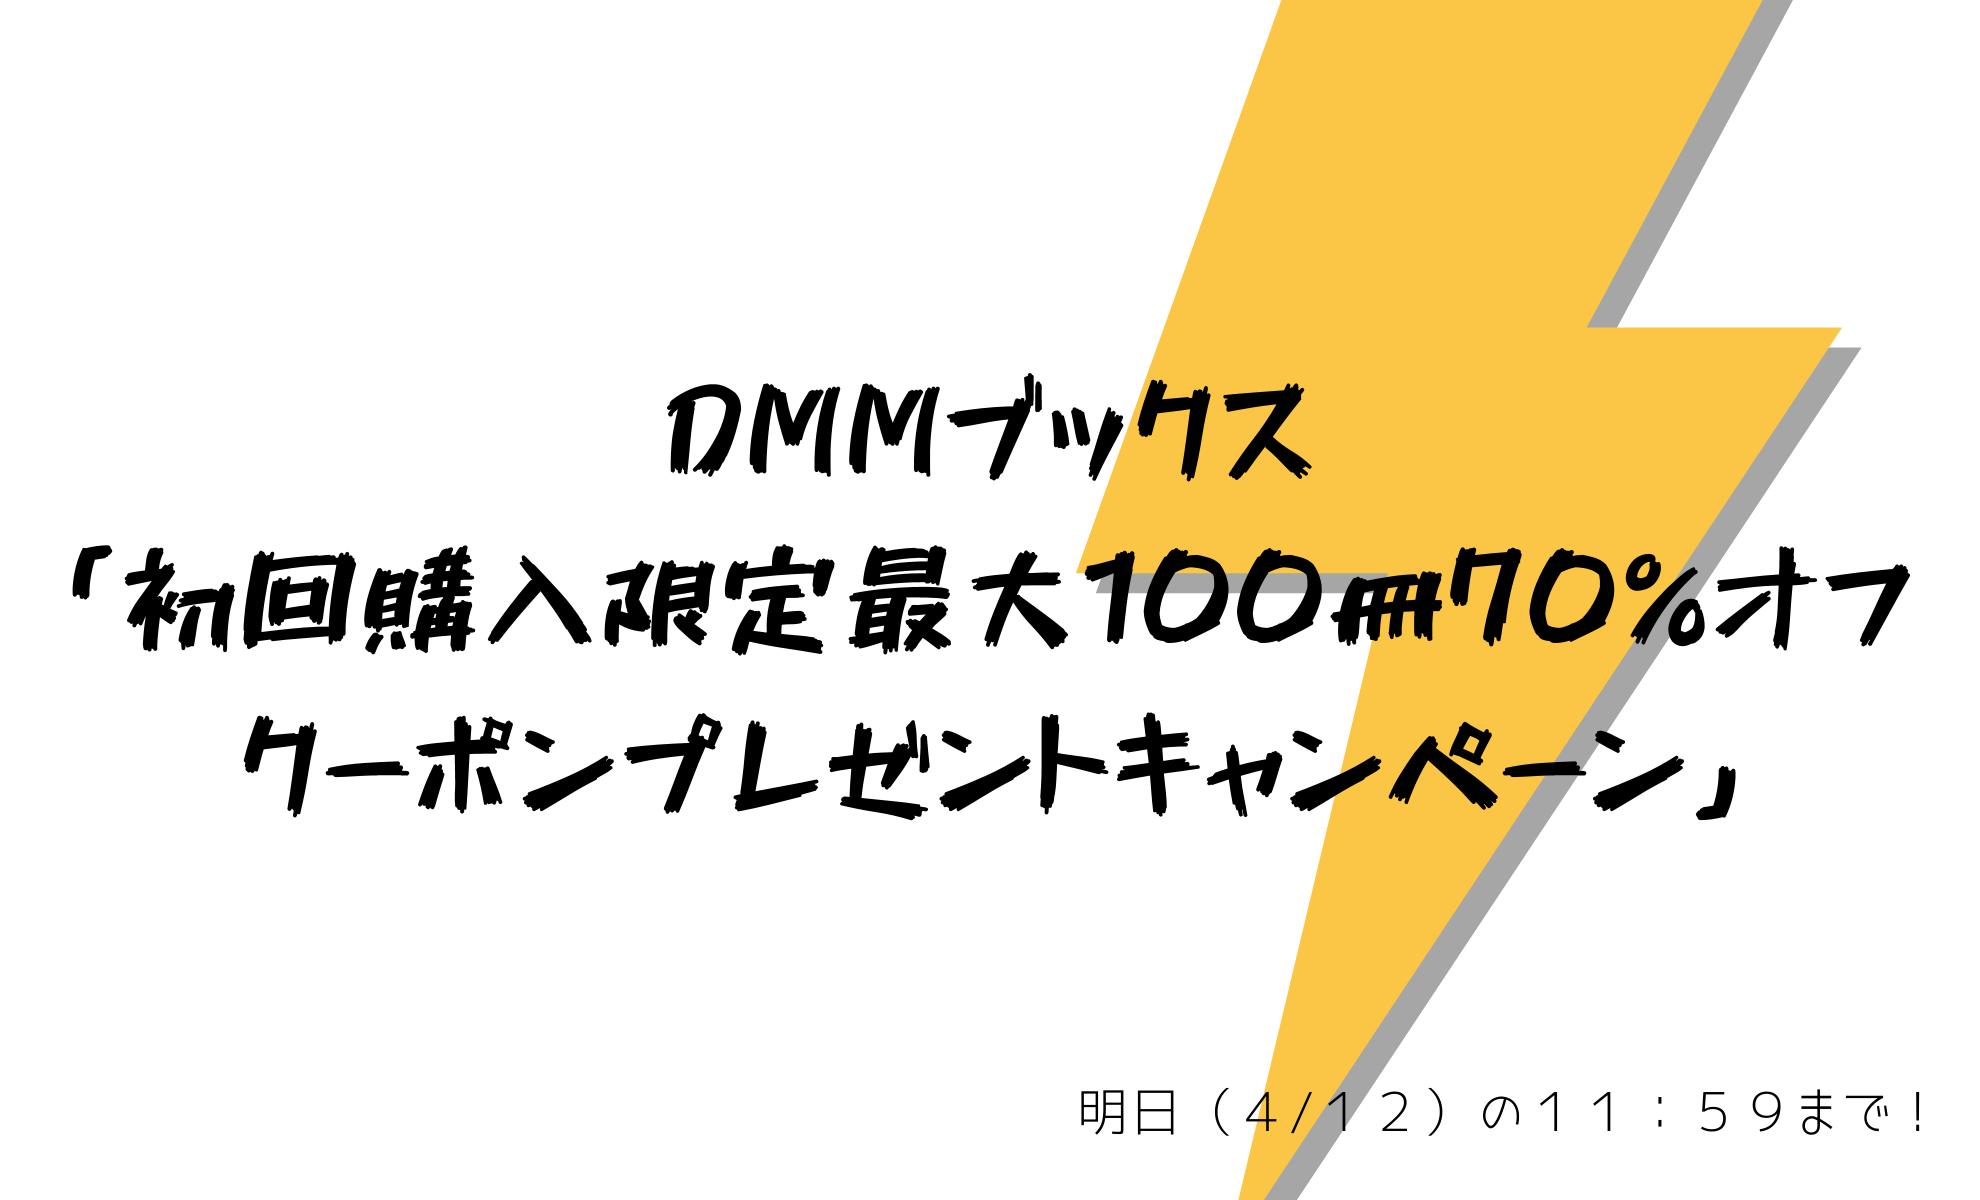 明日(4_12)の11:59まで!DMMブックス「初回購入限定最大100冊70%オフクーポンプレゼントキャンペーン」